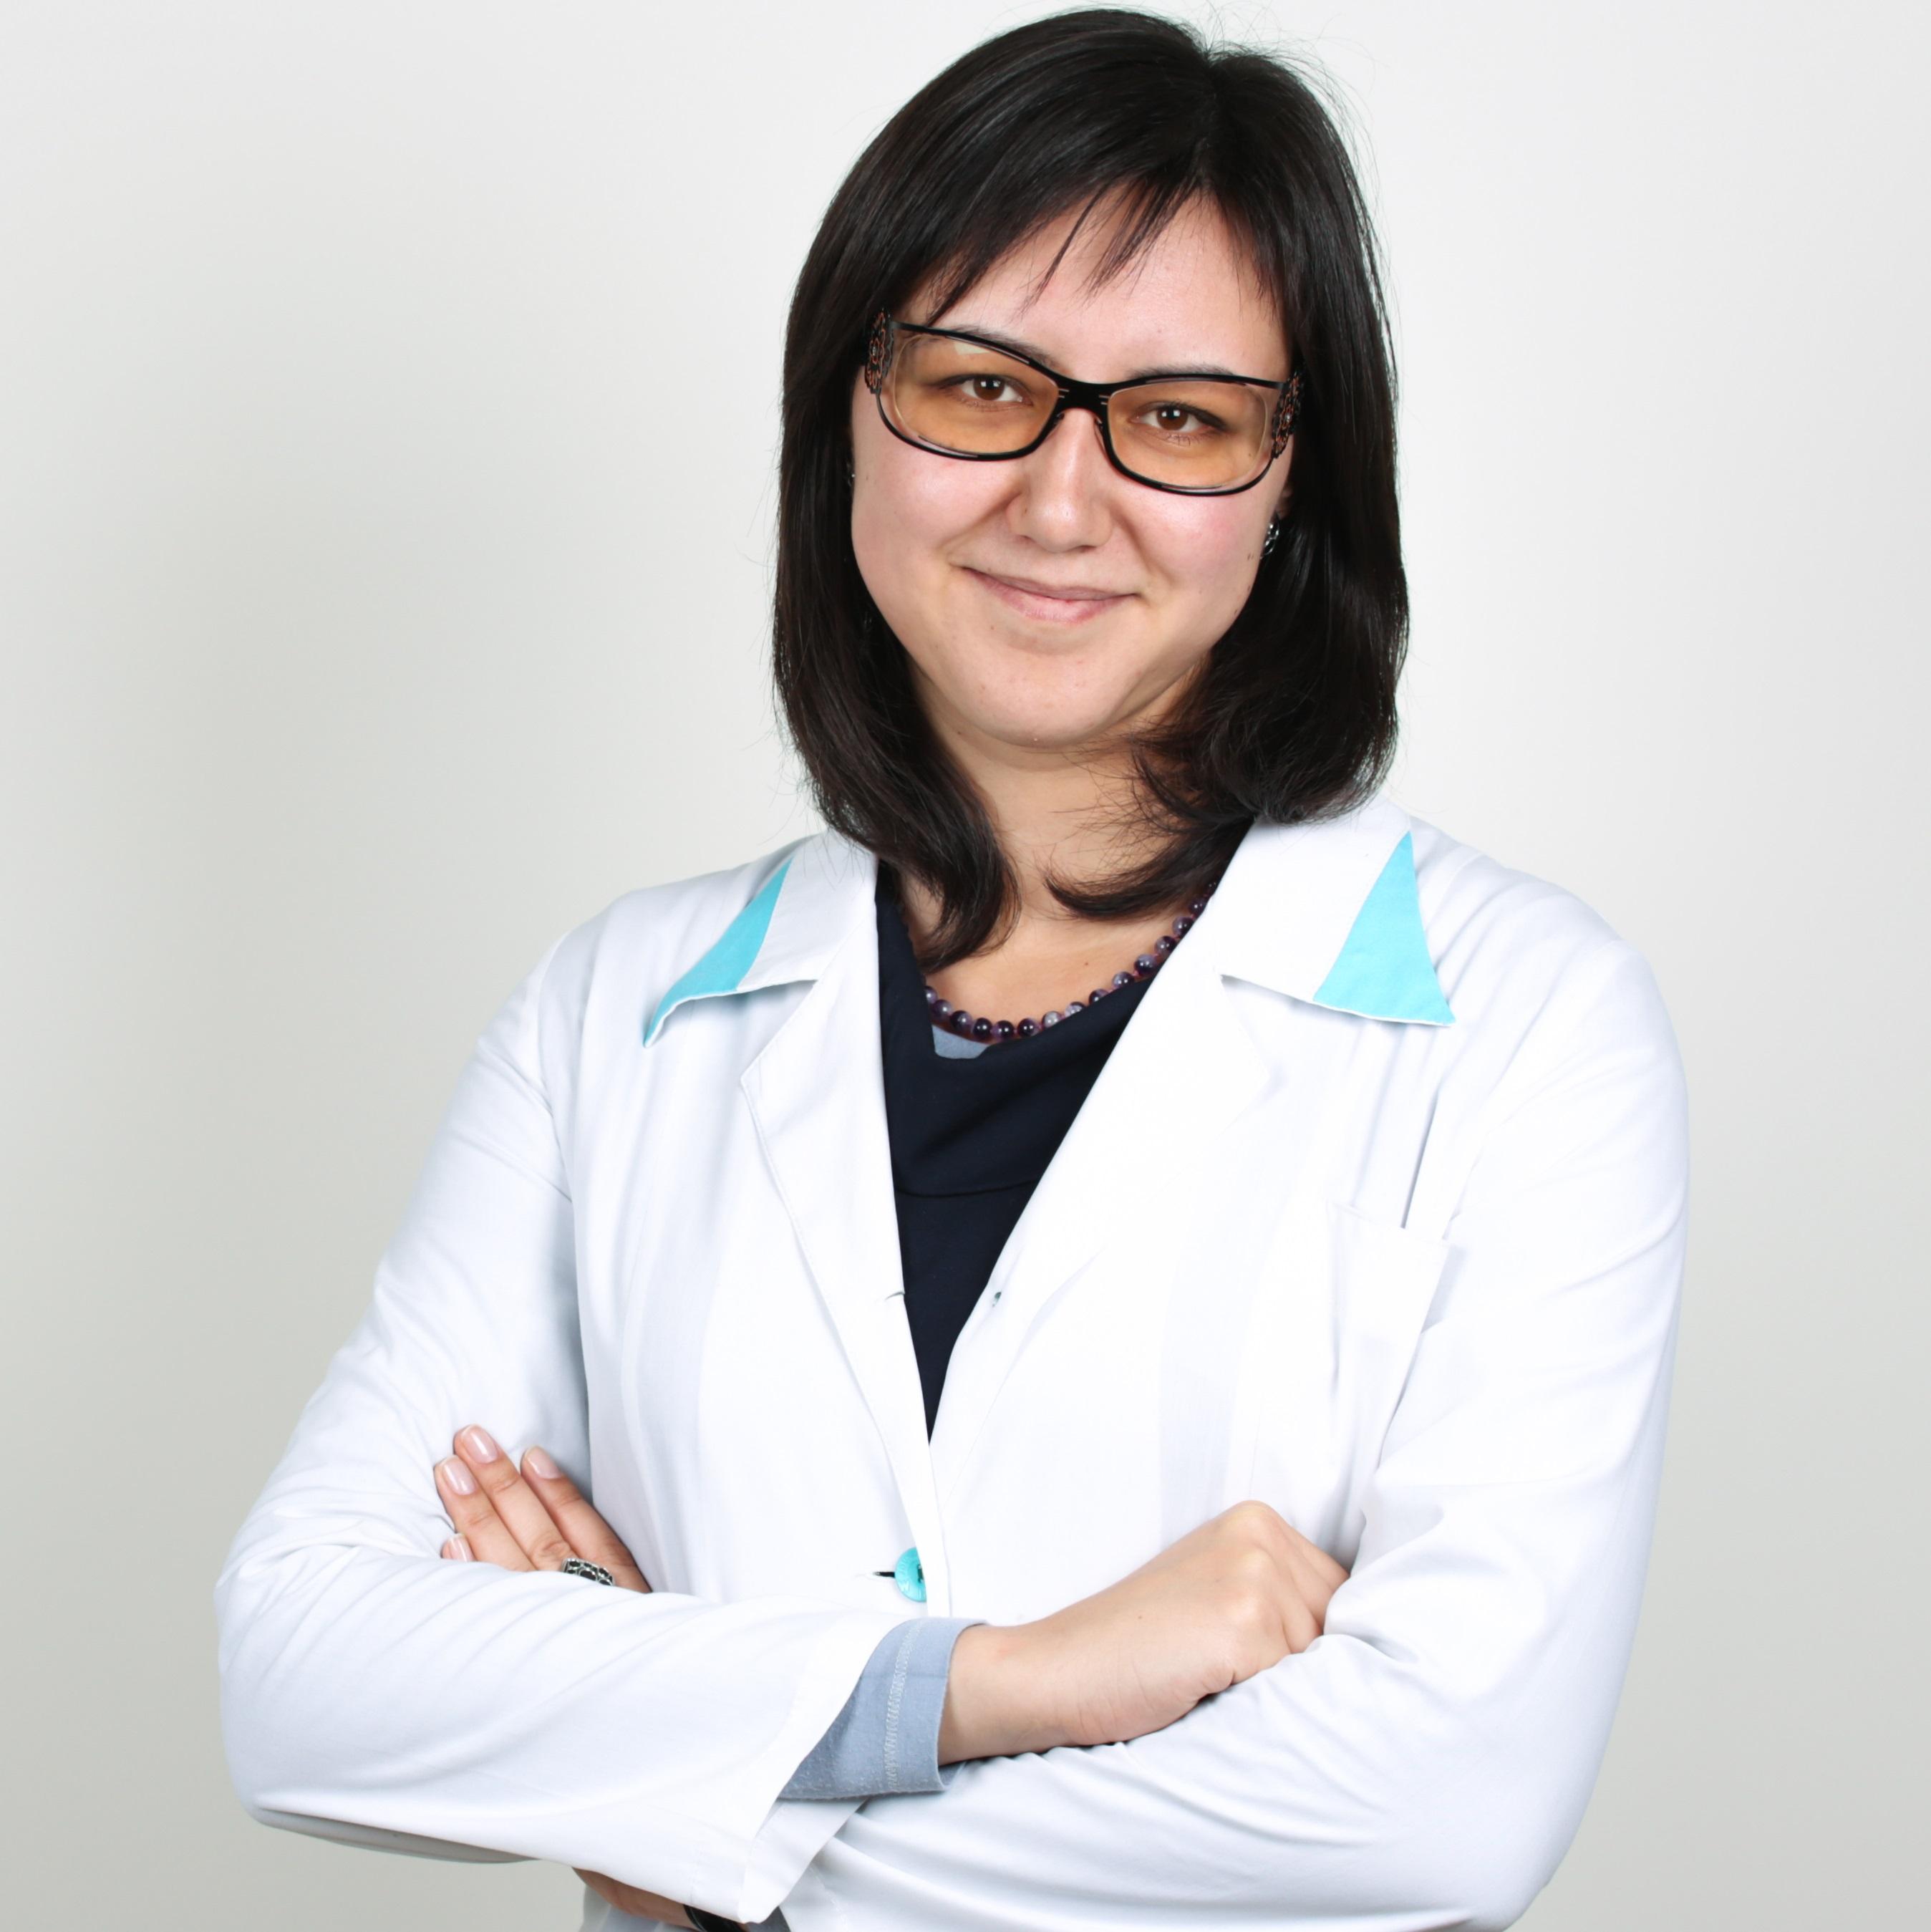 Вишневская Анна Вадимовна